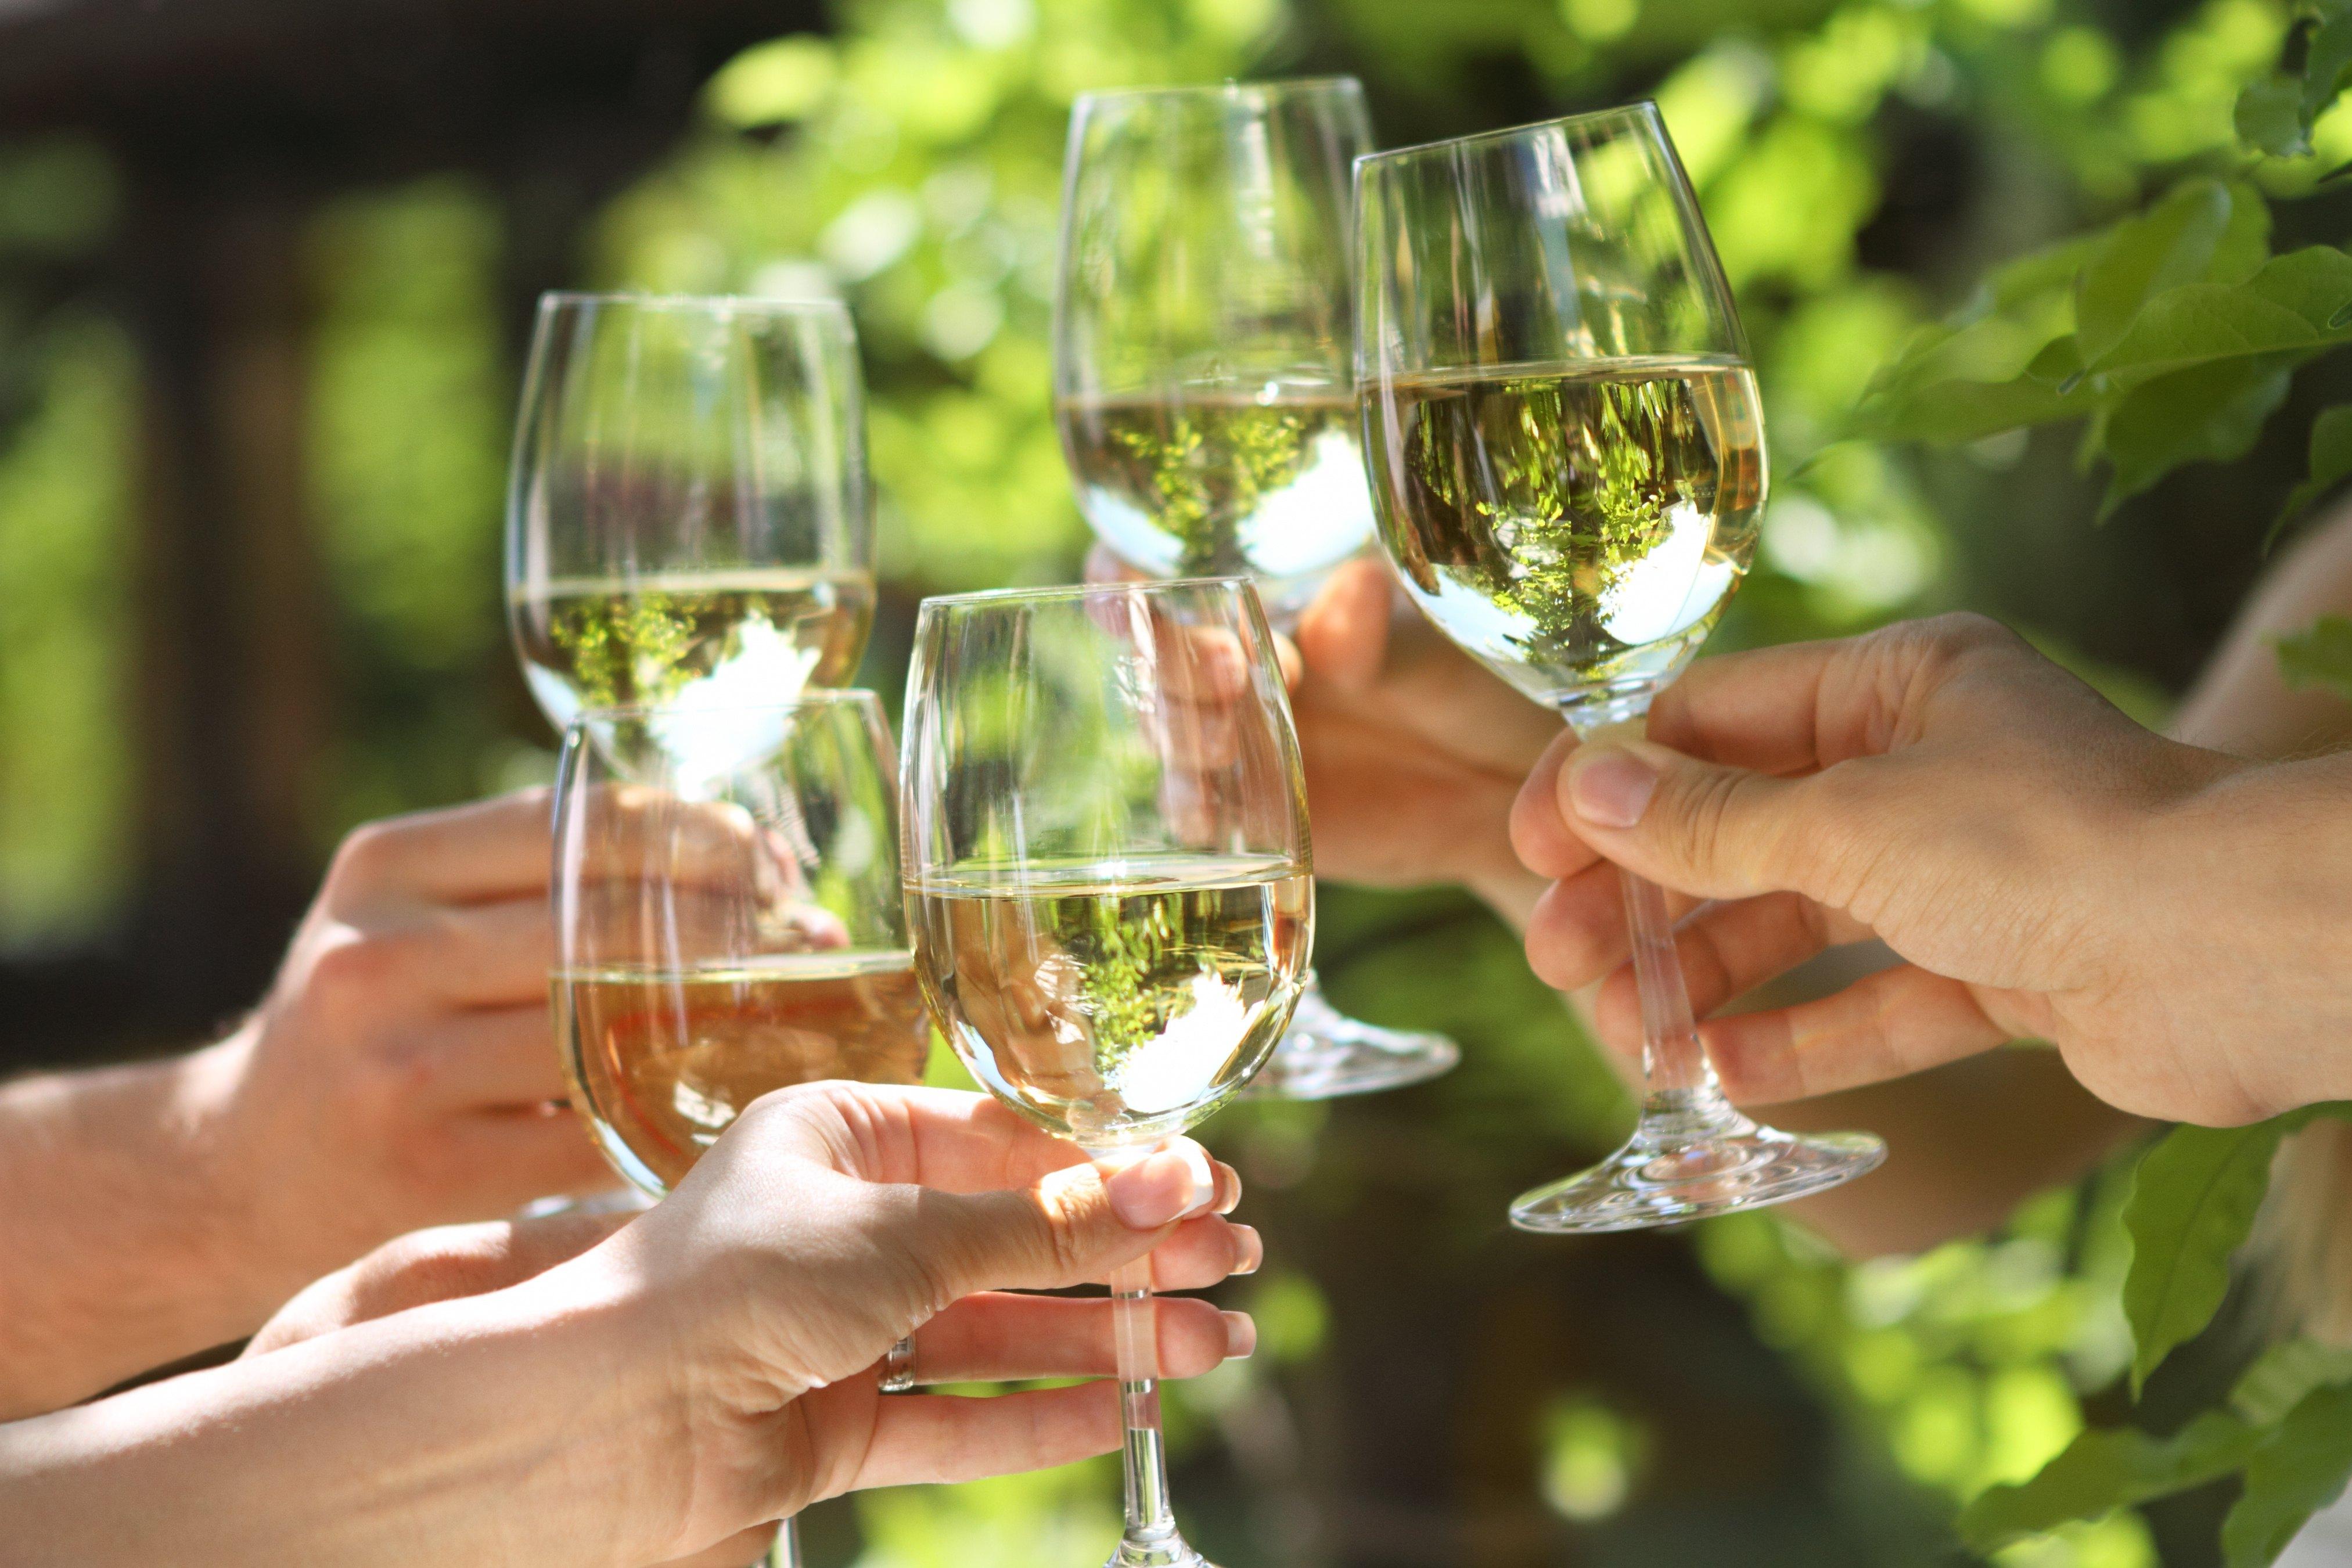 Сделать, картинки бокалы с вином чокаются